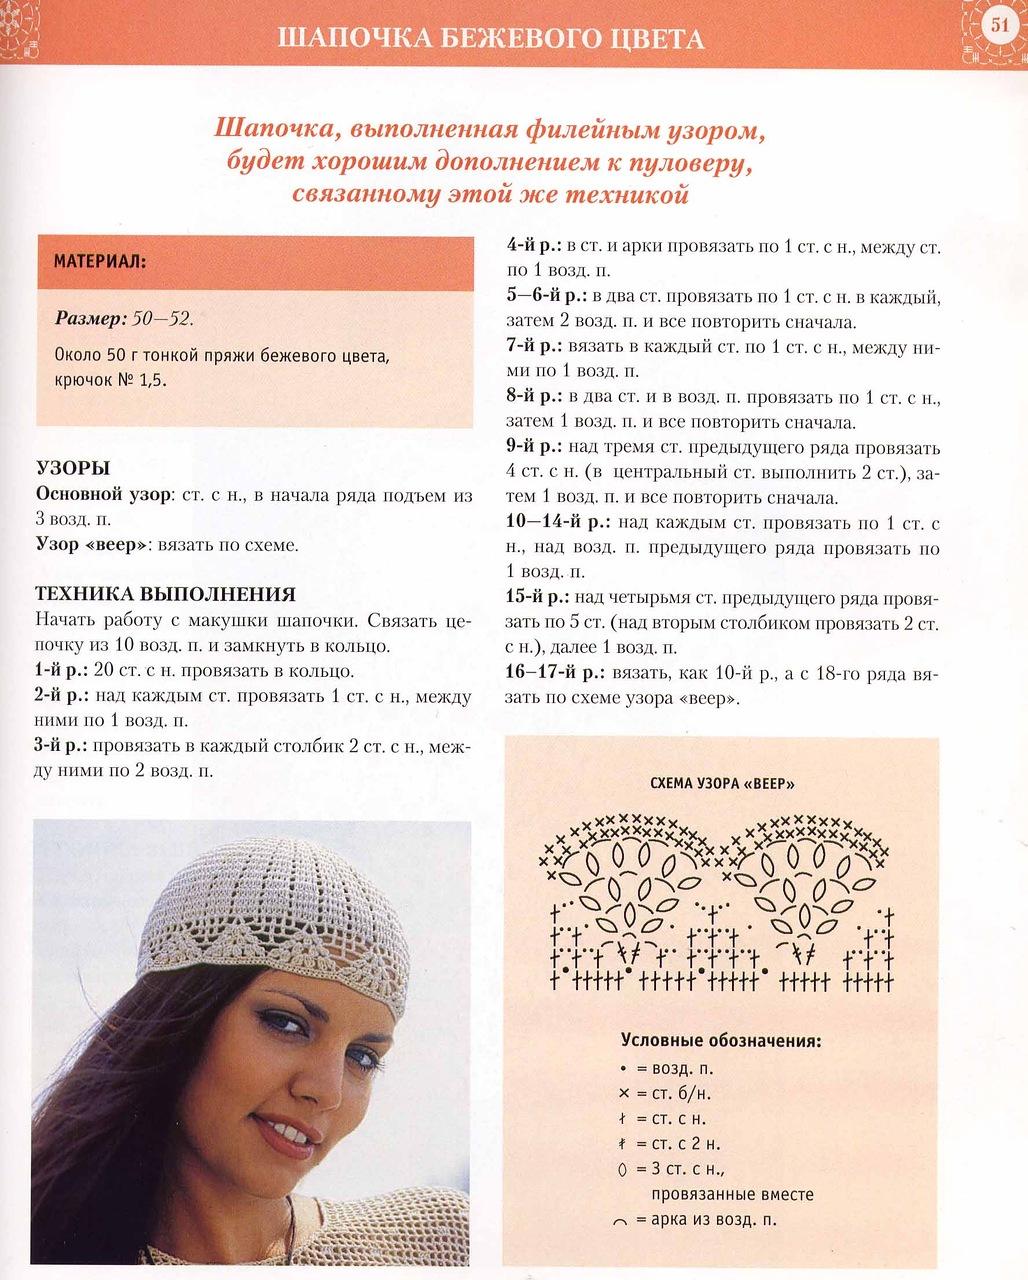 http://home-sweet.ru/wp-content/uploads/2009/07/47.jpg